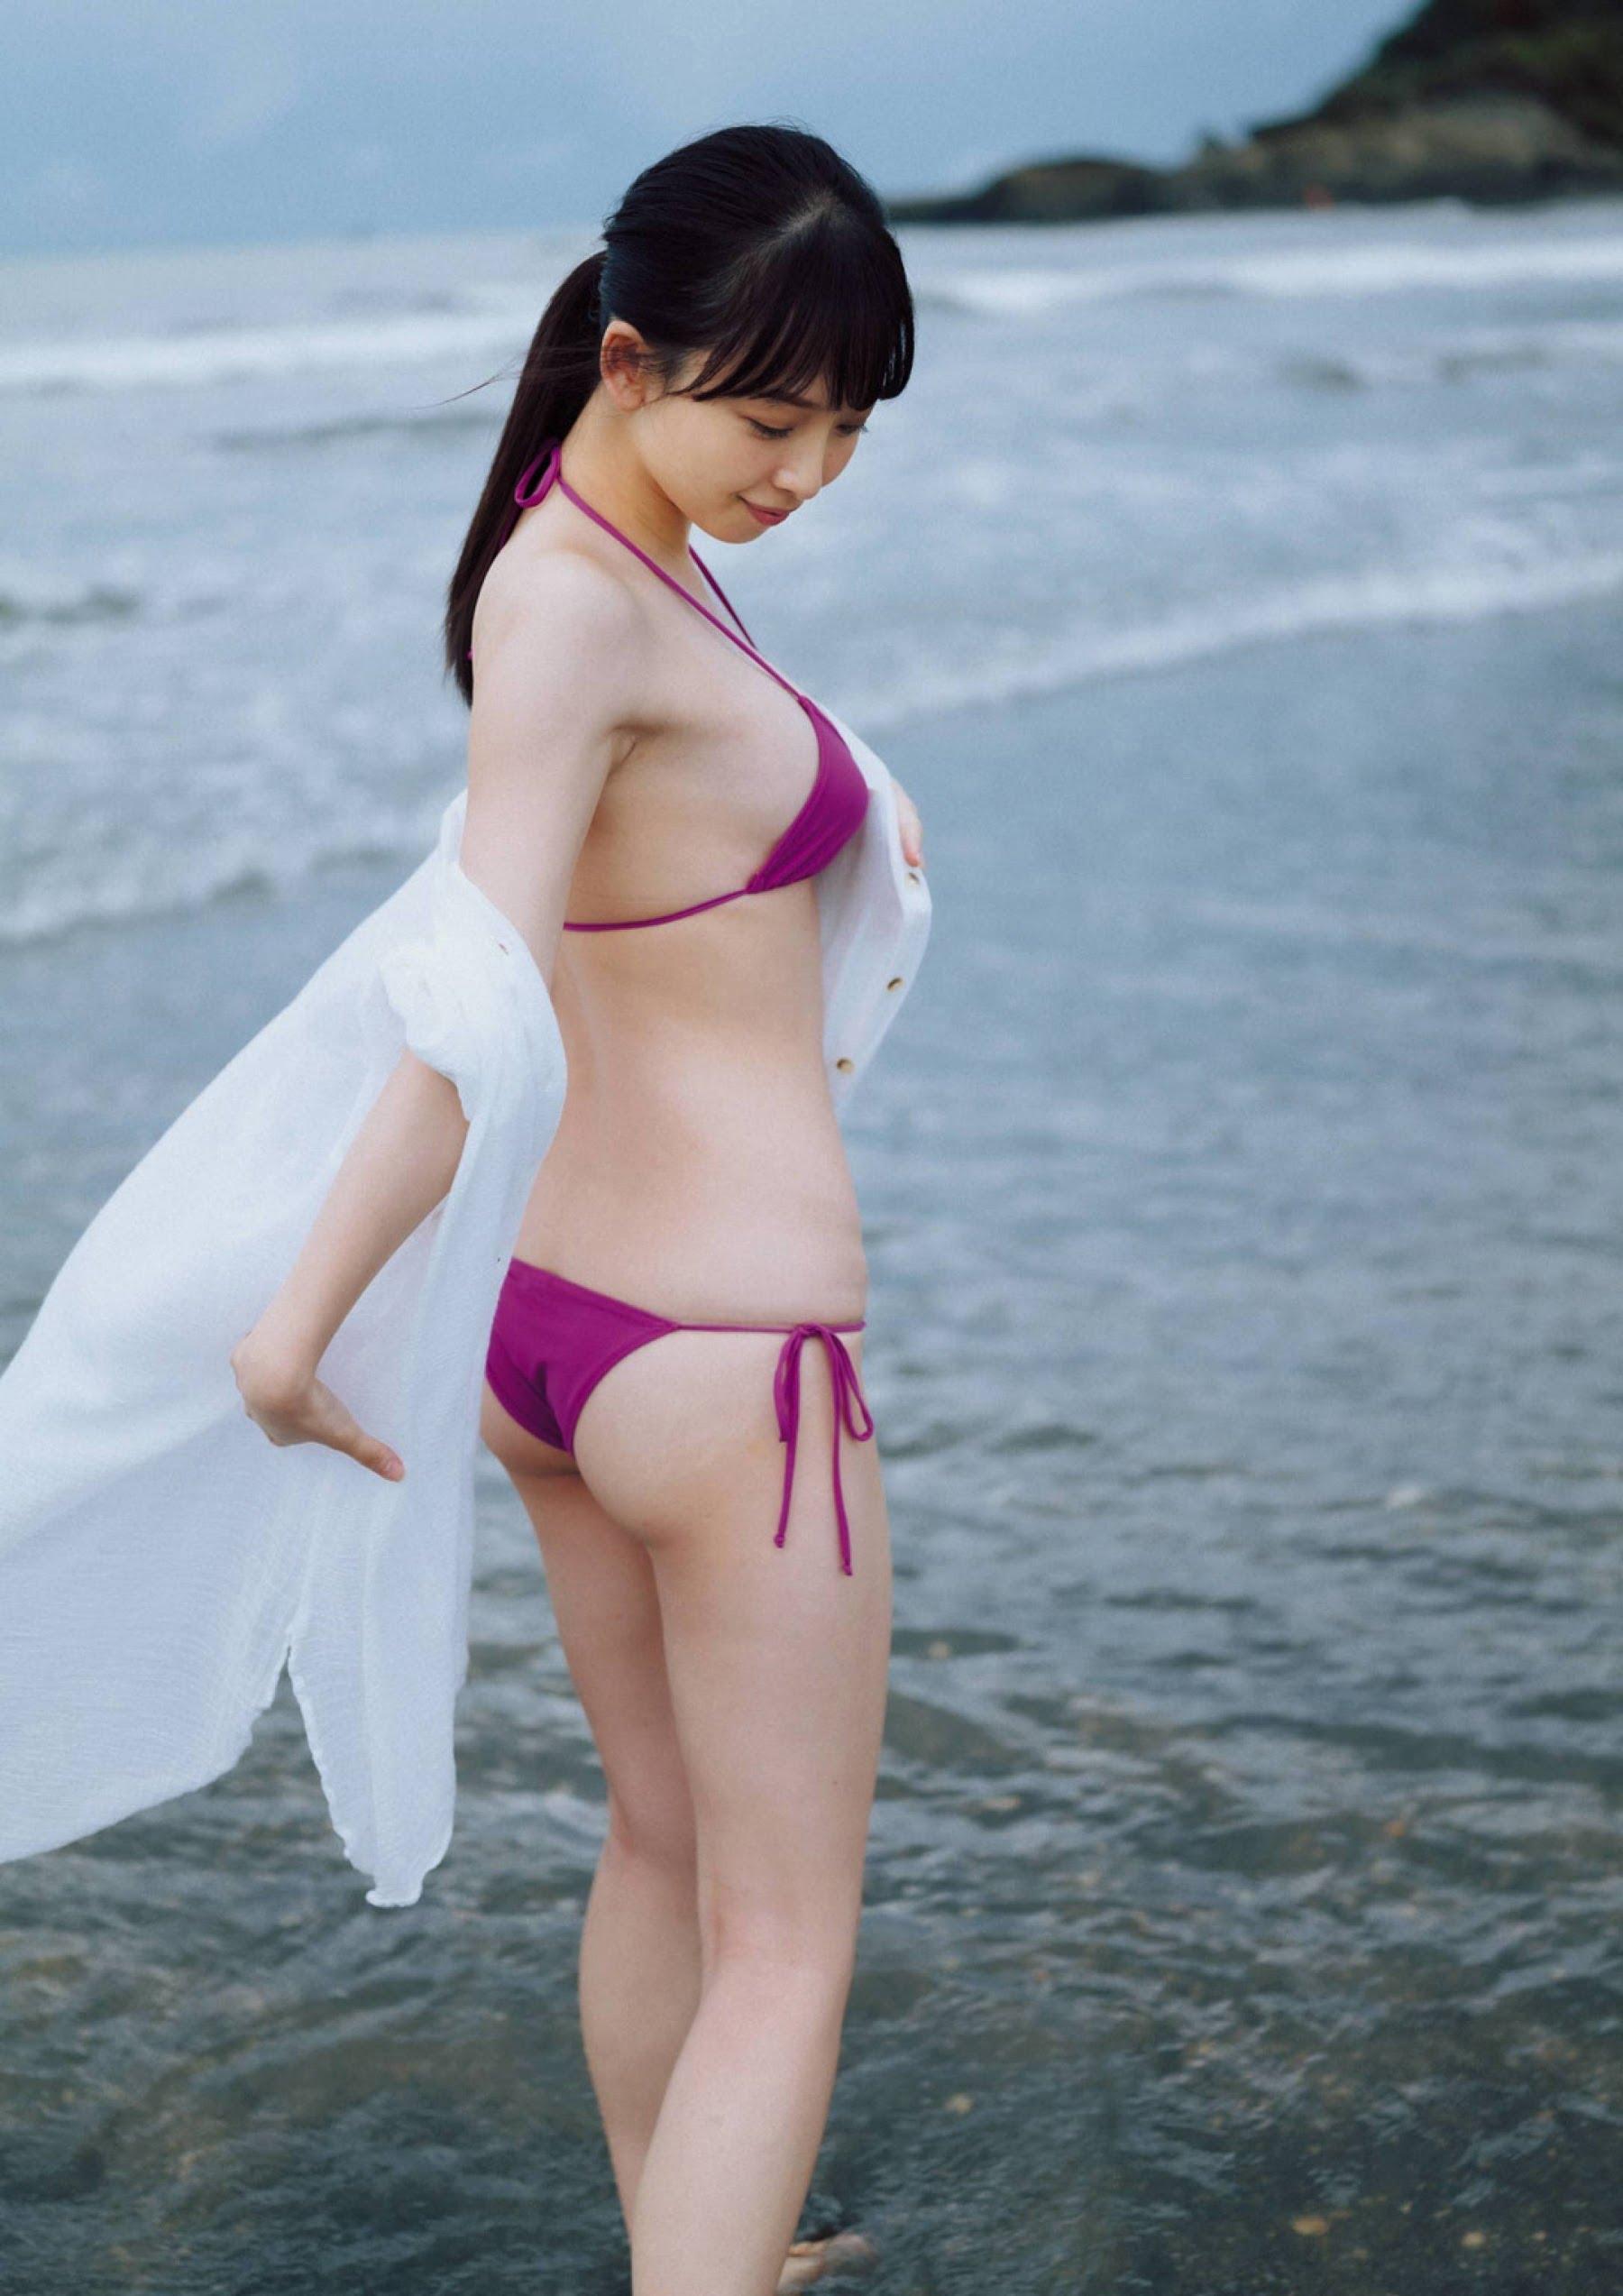 グラビアアイドル写真集|168センチの長身に長い手に抜群のスタイルを持つ華村あすか最高画質グラビア画像まとめ9 122枚